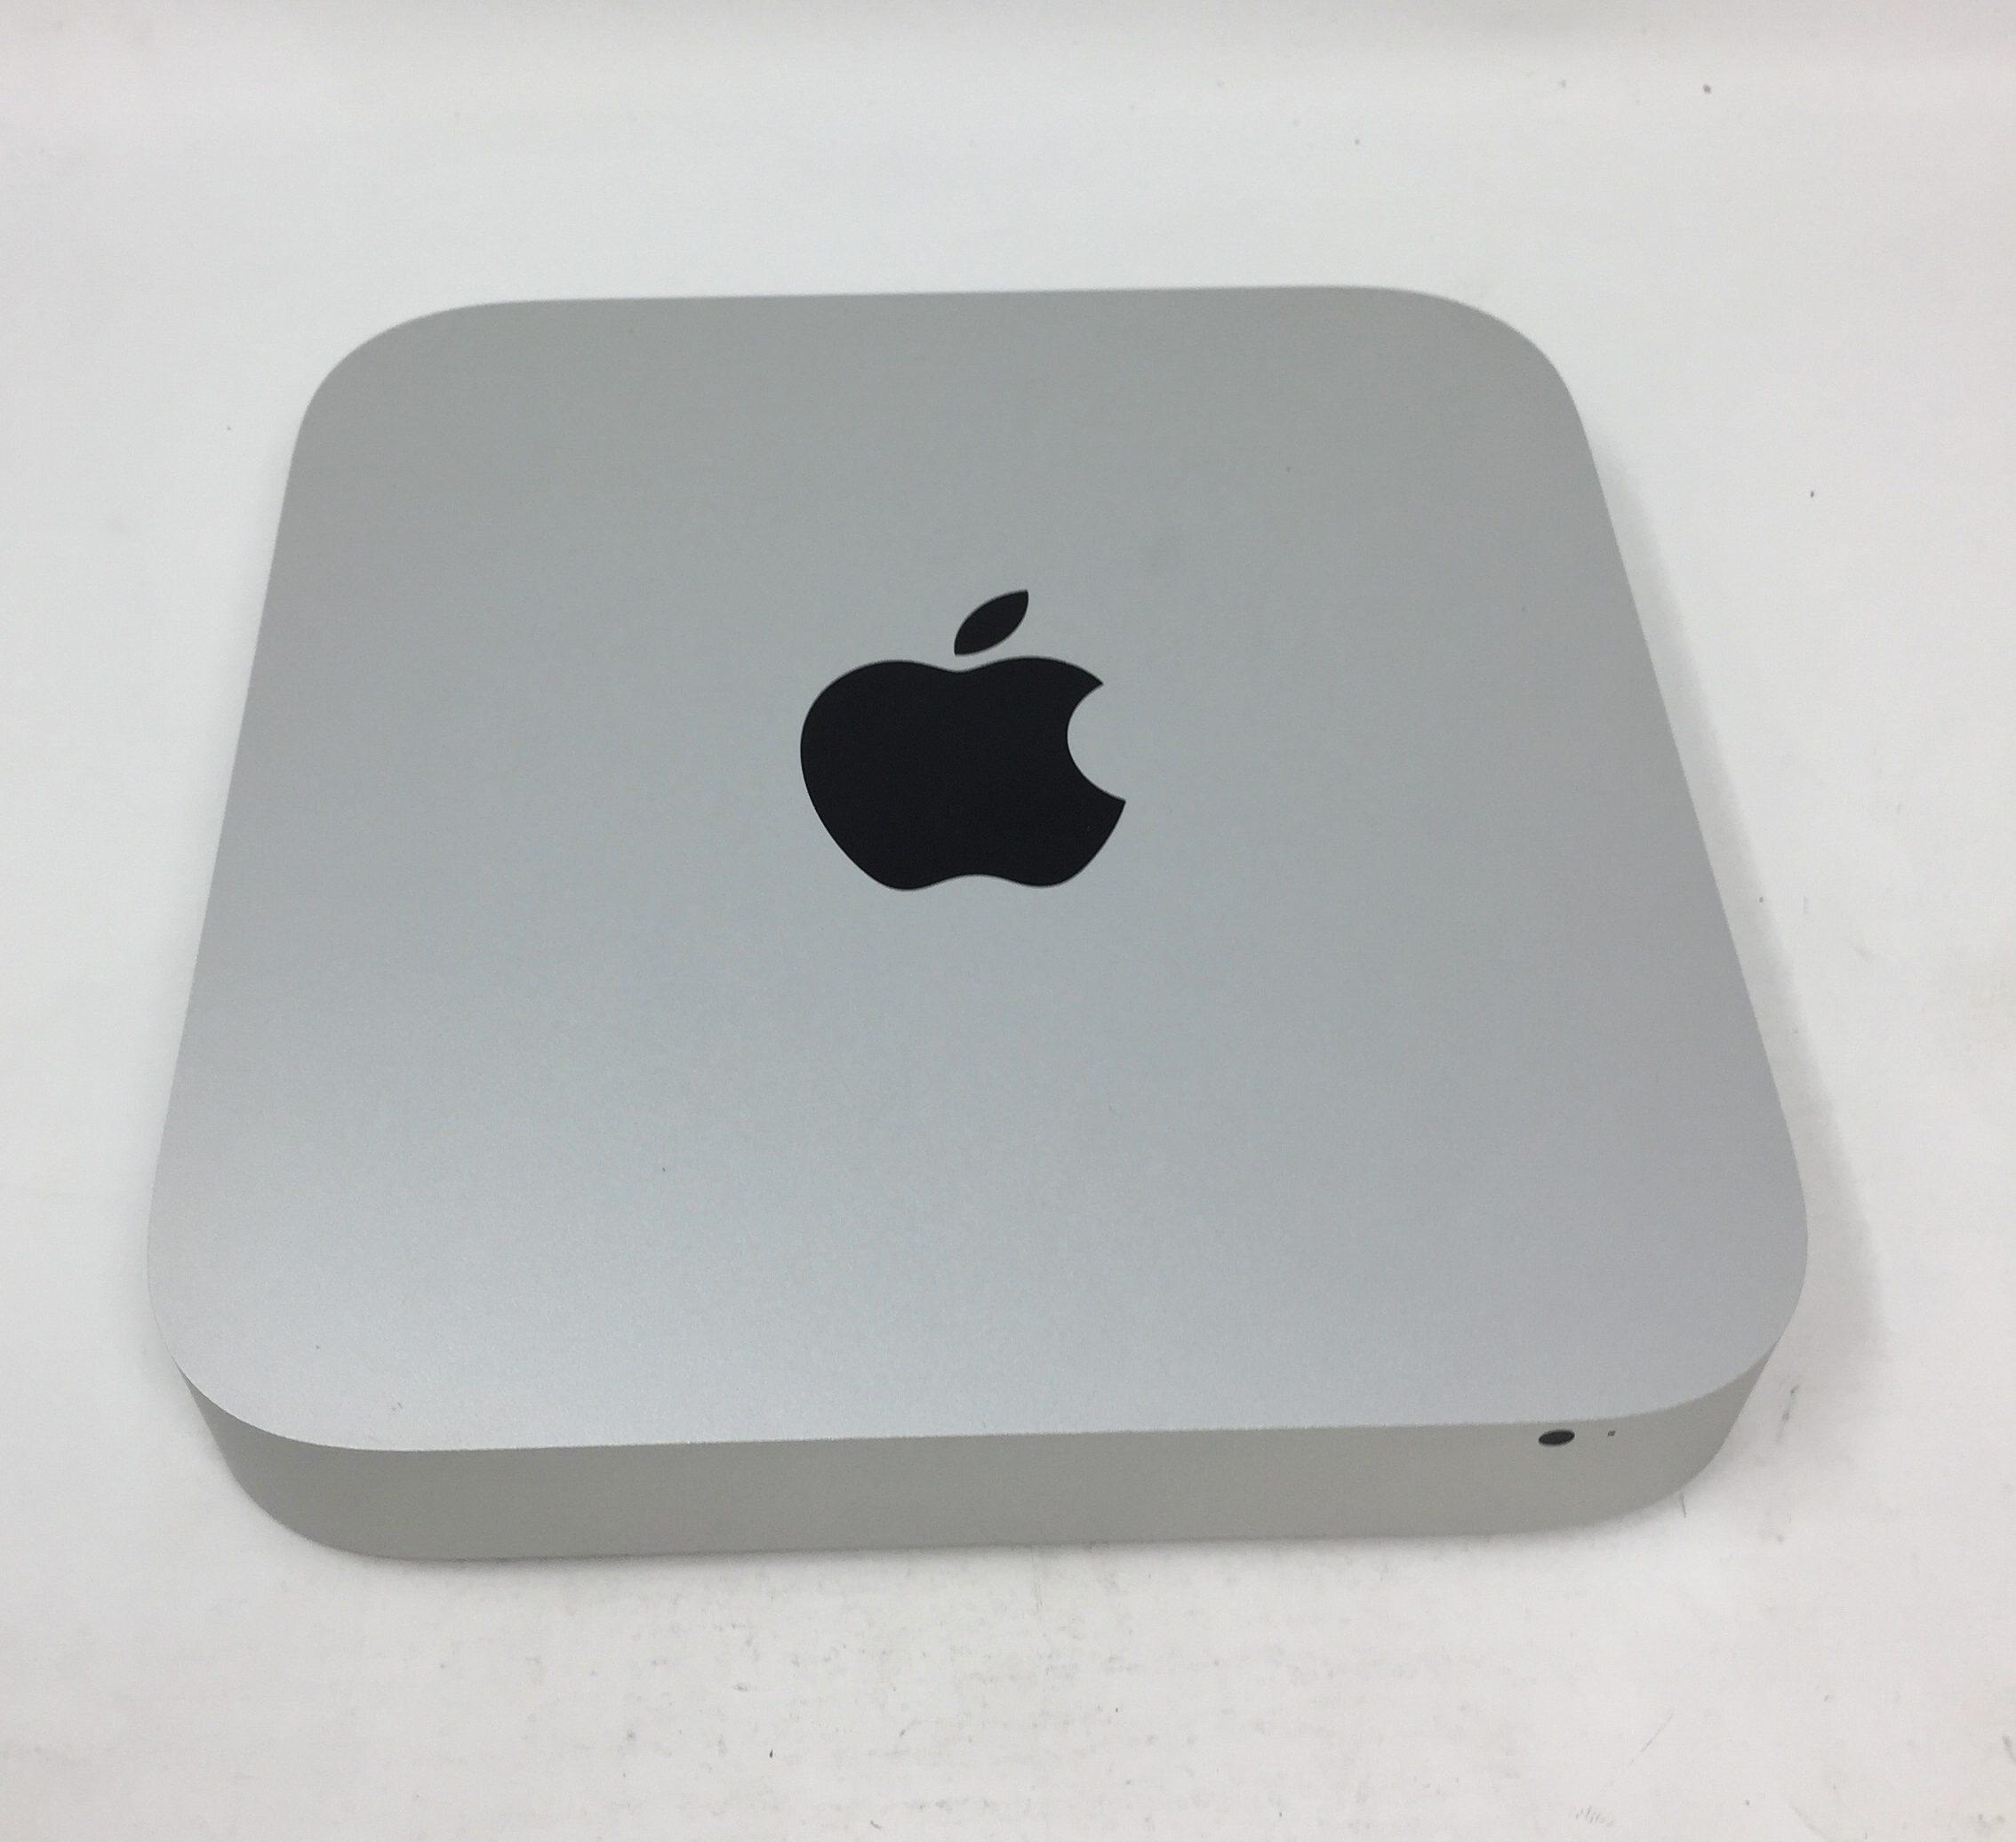 Mac Mini Late 2014 (Intel Core i5 2.6 GHz 8 GB RAM 1 TB HDD), Intel Core i5 2,6GHZ, 8 GB 1600 MHz DDR3, 1 TB HDD, imagen 1